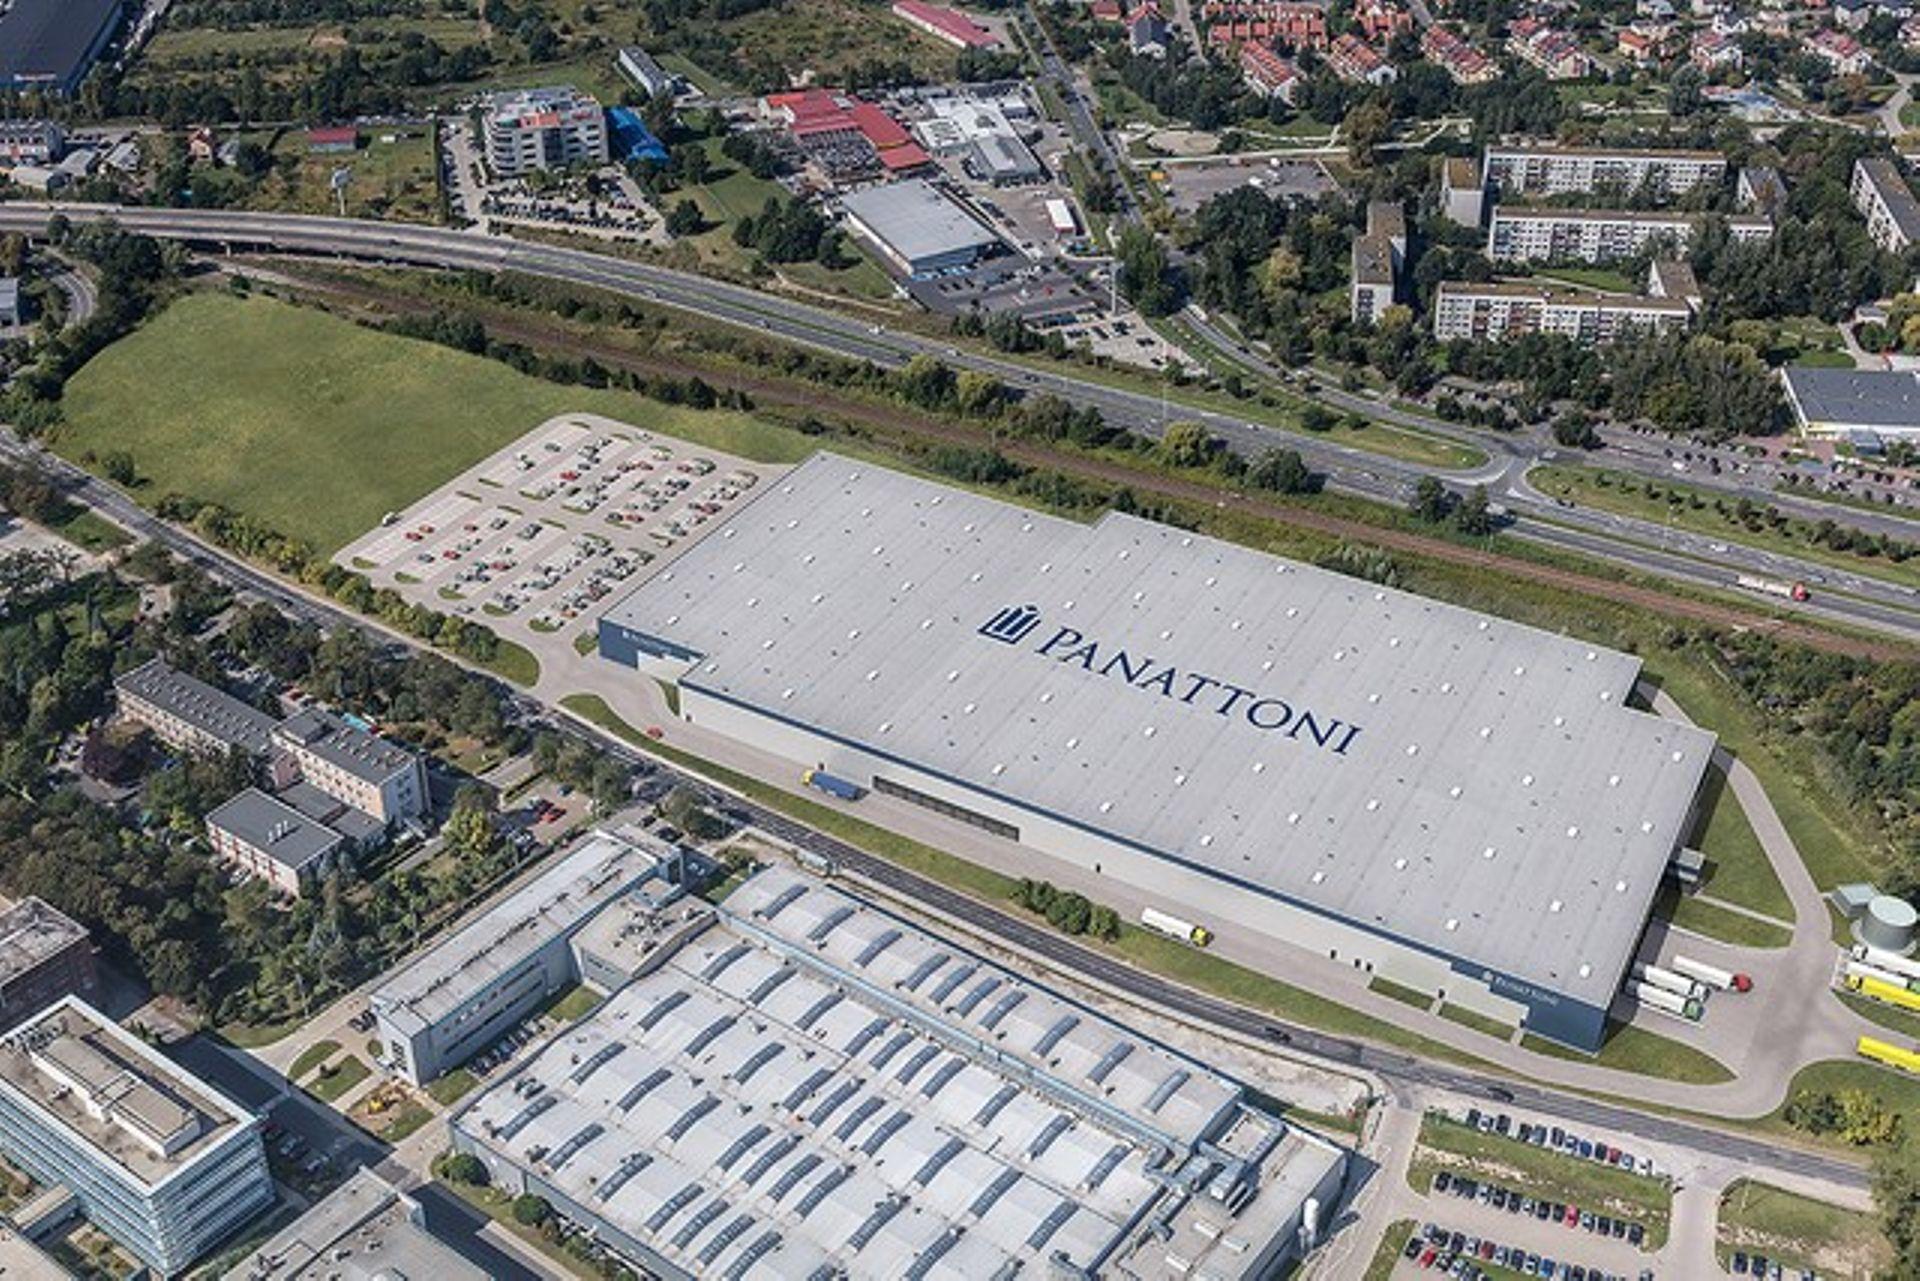 Panattoni wybuduje dla Align Technology wielką fabrykę we Wrocławiu. Pracę w niej znajdzie 2500 osób